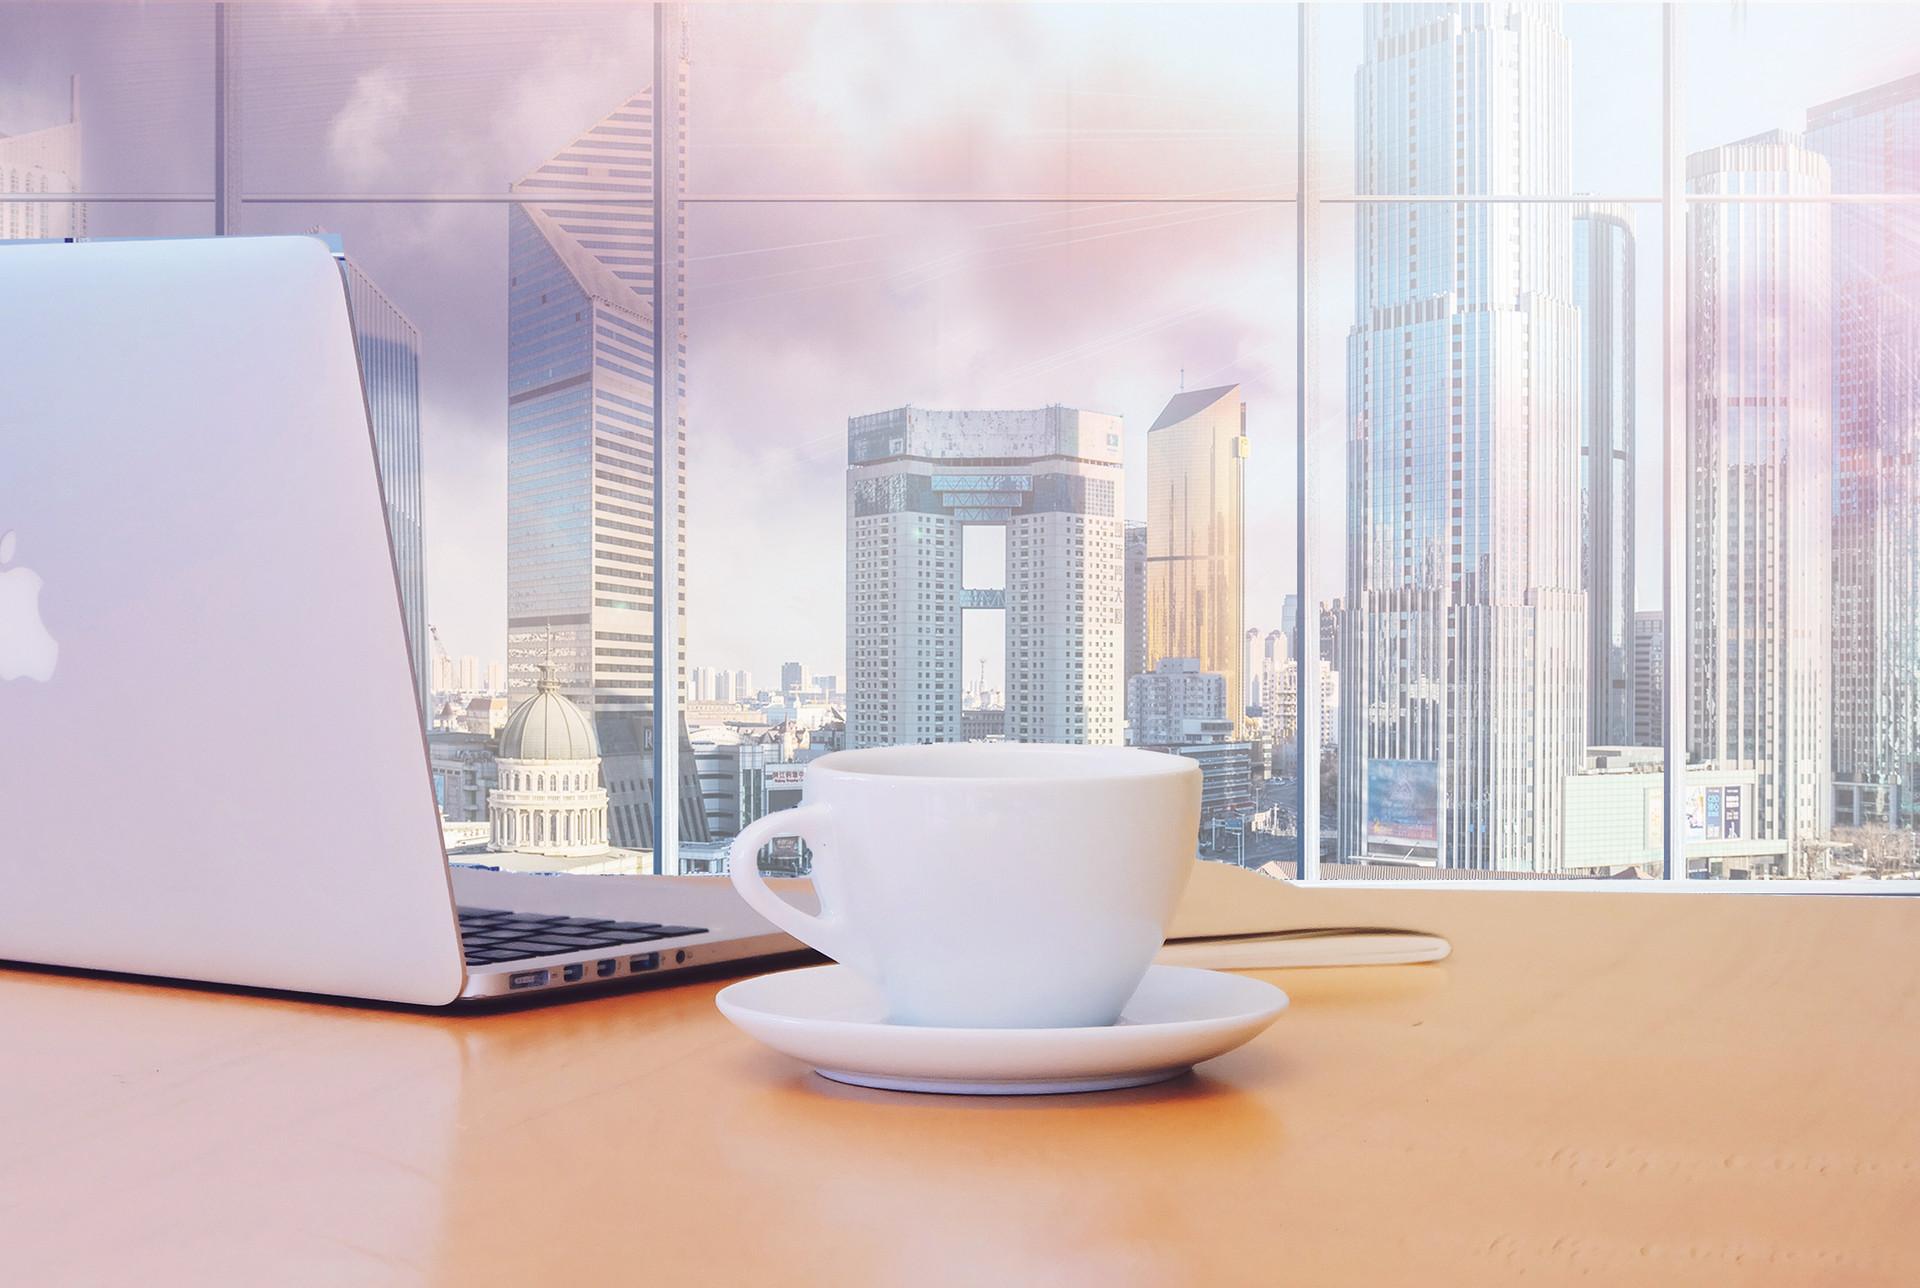 广州社保代理企业,为企业提供社保缴纳便利